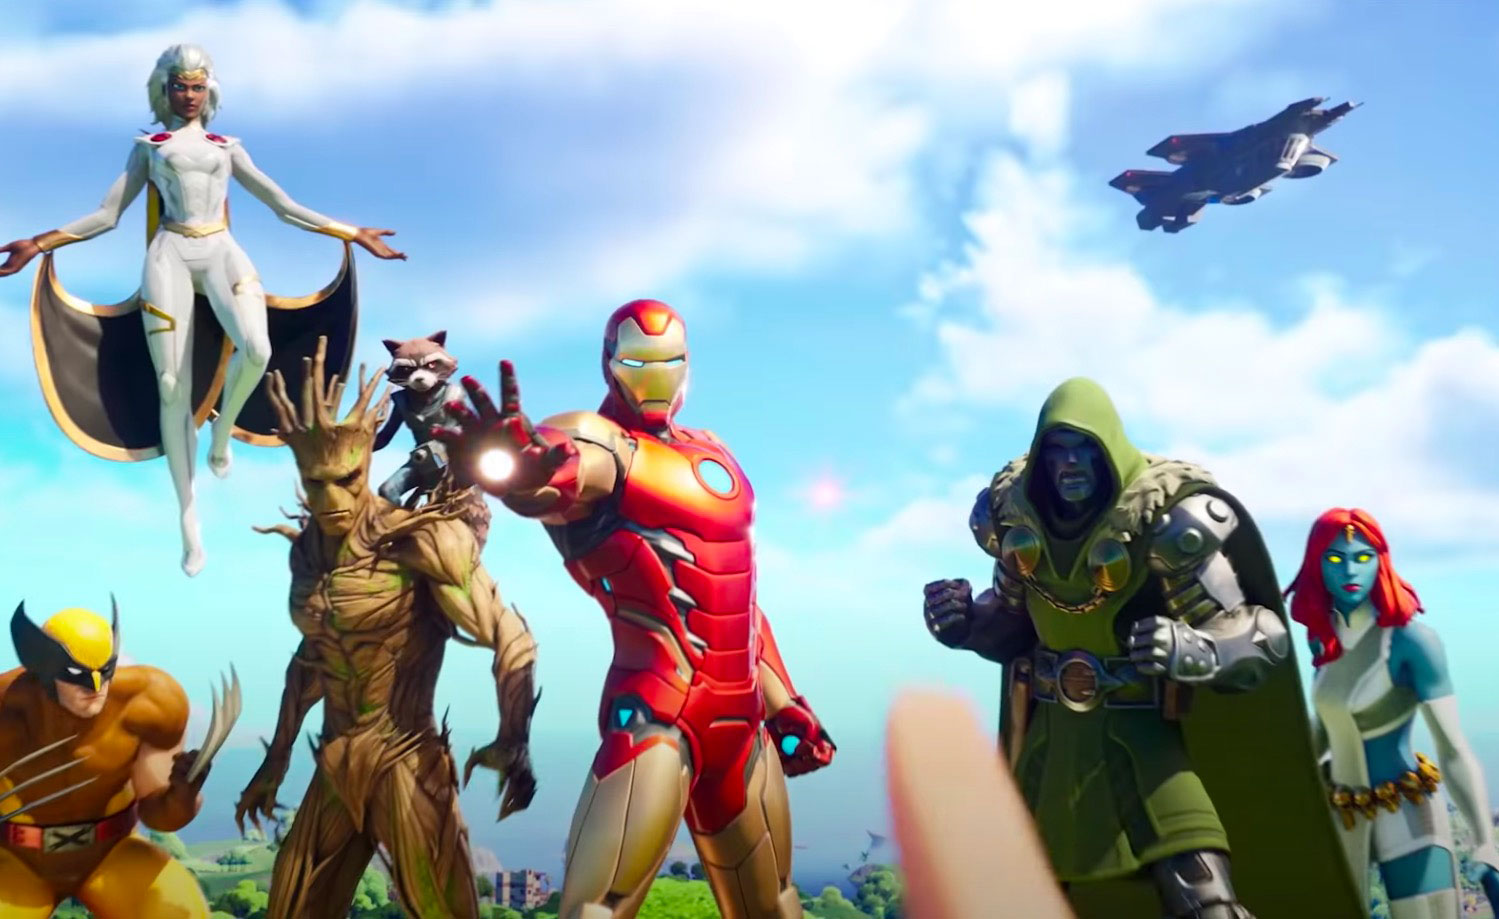 La saison 4 du Chapitre 2 de Fortnite est placée sous la coupe des super héros Marvel